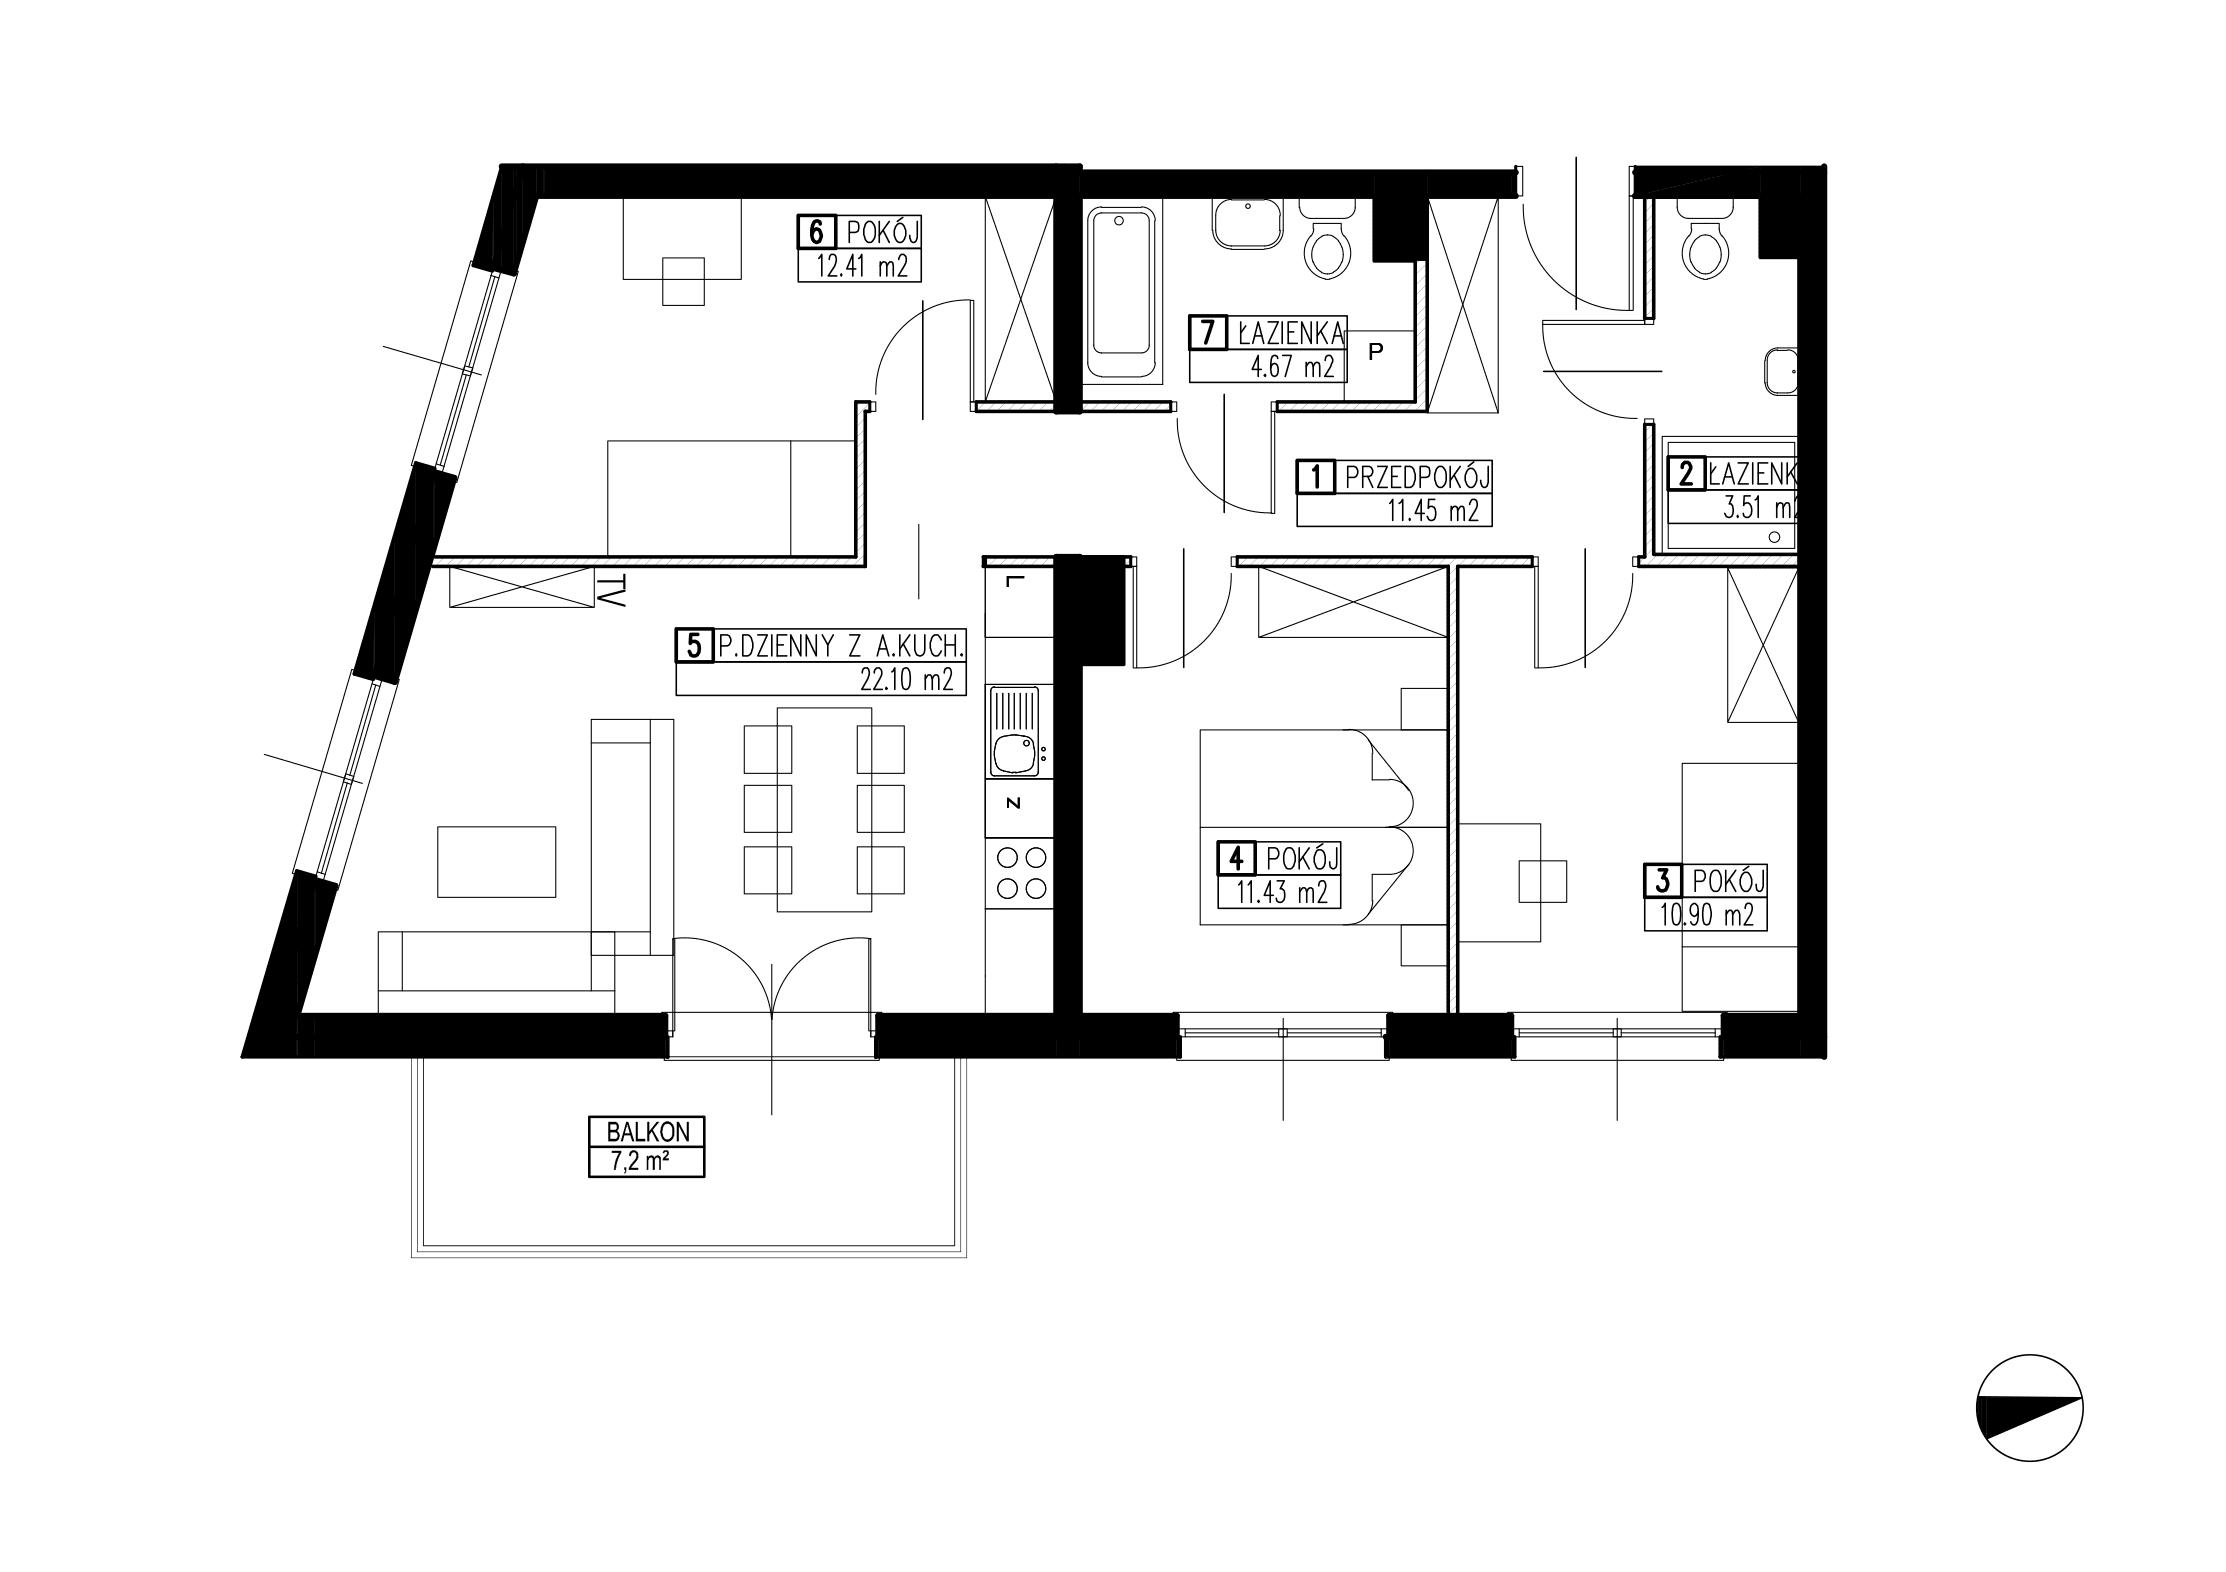 Wojszyckie Alejki / budynek 2 / mieszkanie WA2/B/2/3 rzut 1